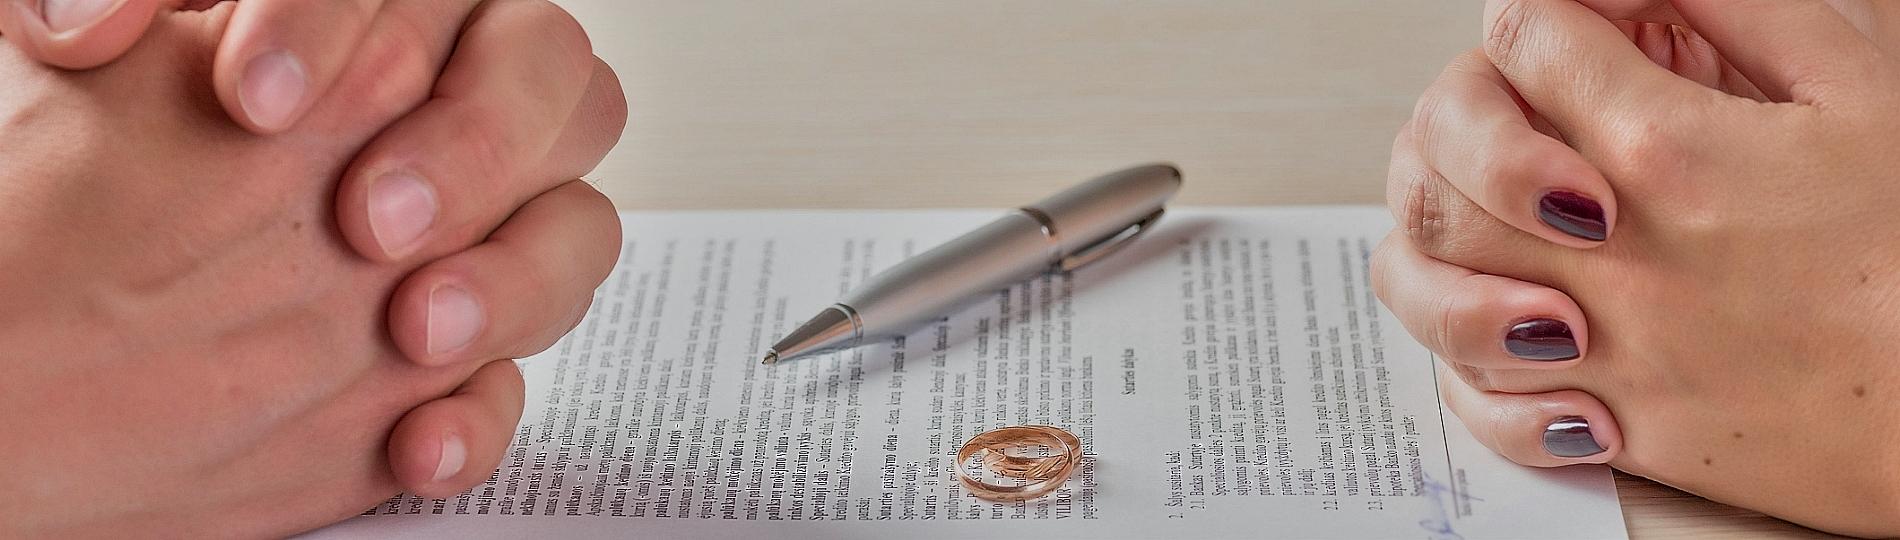 איתי אלמוג עורך דין לדיני משפחה וגירושין - פרידה וגירושין